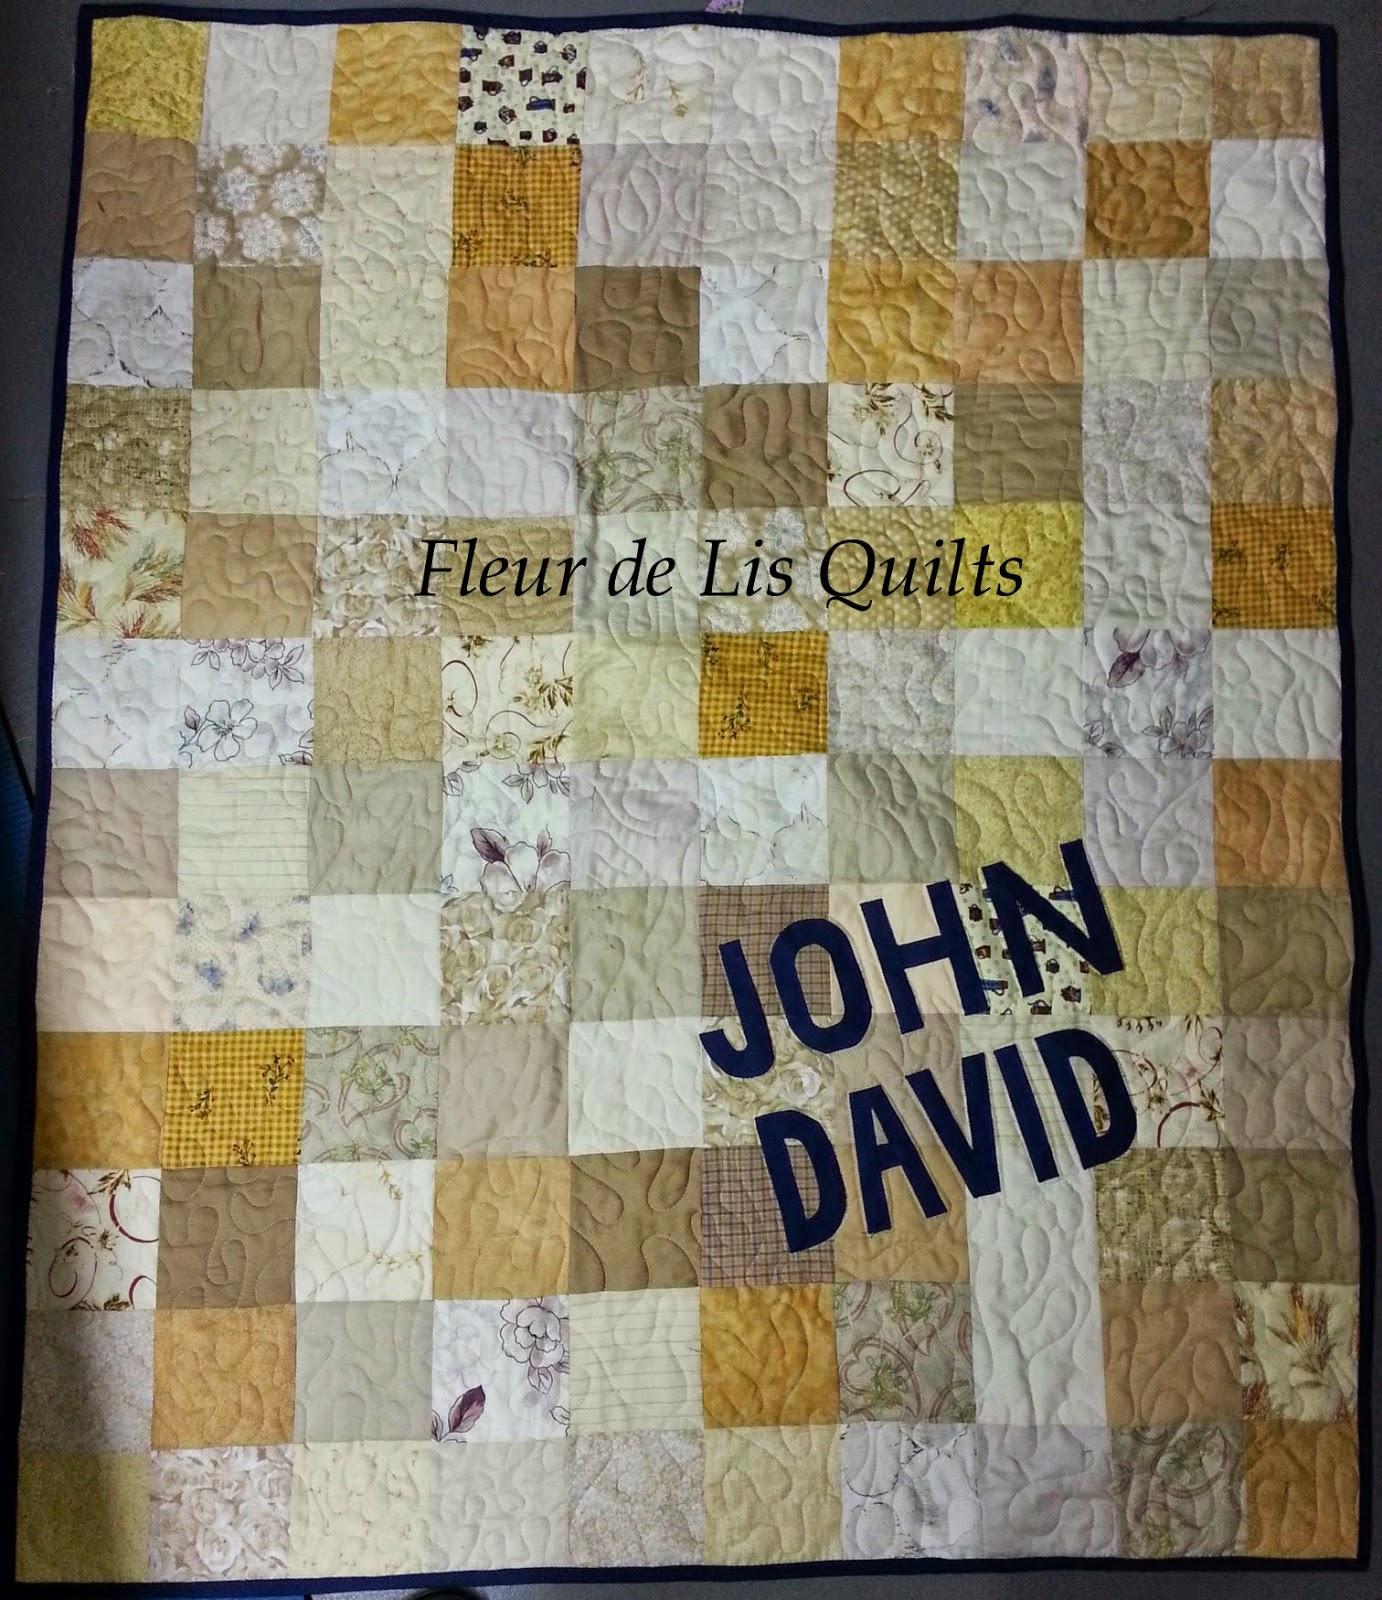 Fleur de lis quilts and accessories tutorial making letters for fleur de lis quilts and accessories tutorial making letters for applique spiritdancerdesigns Images